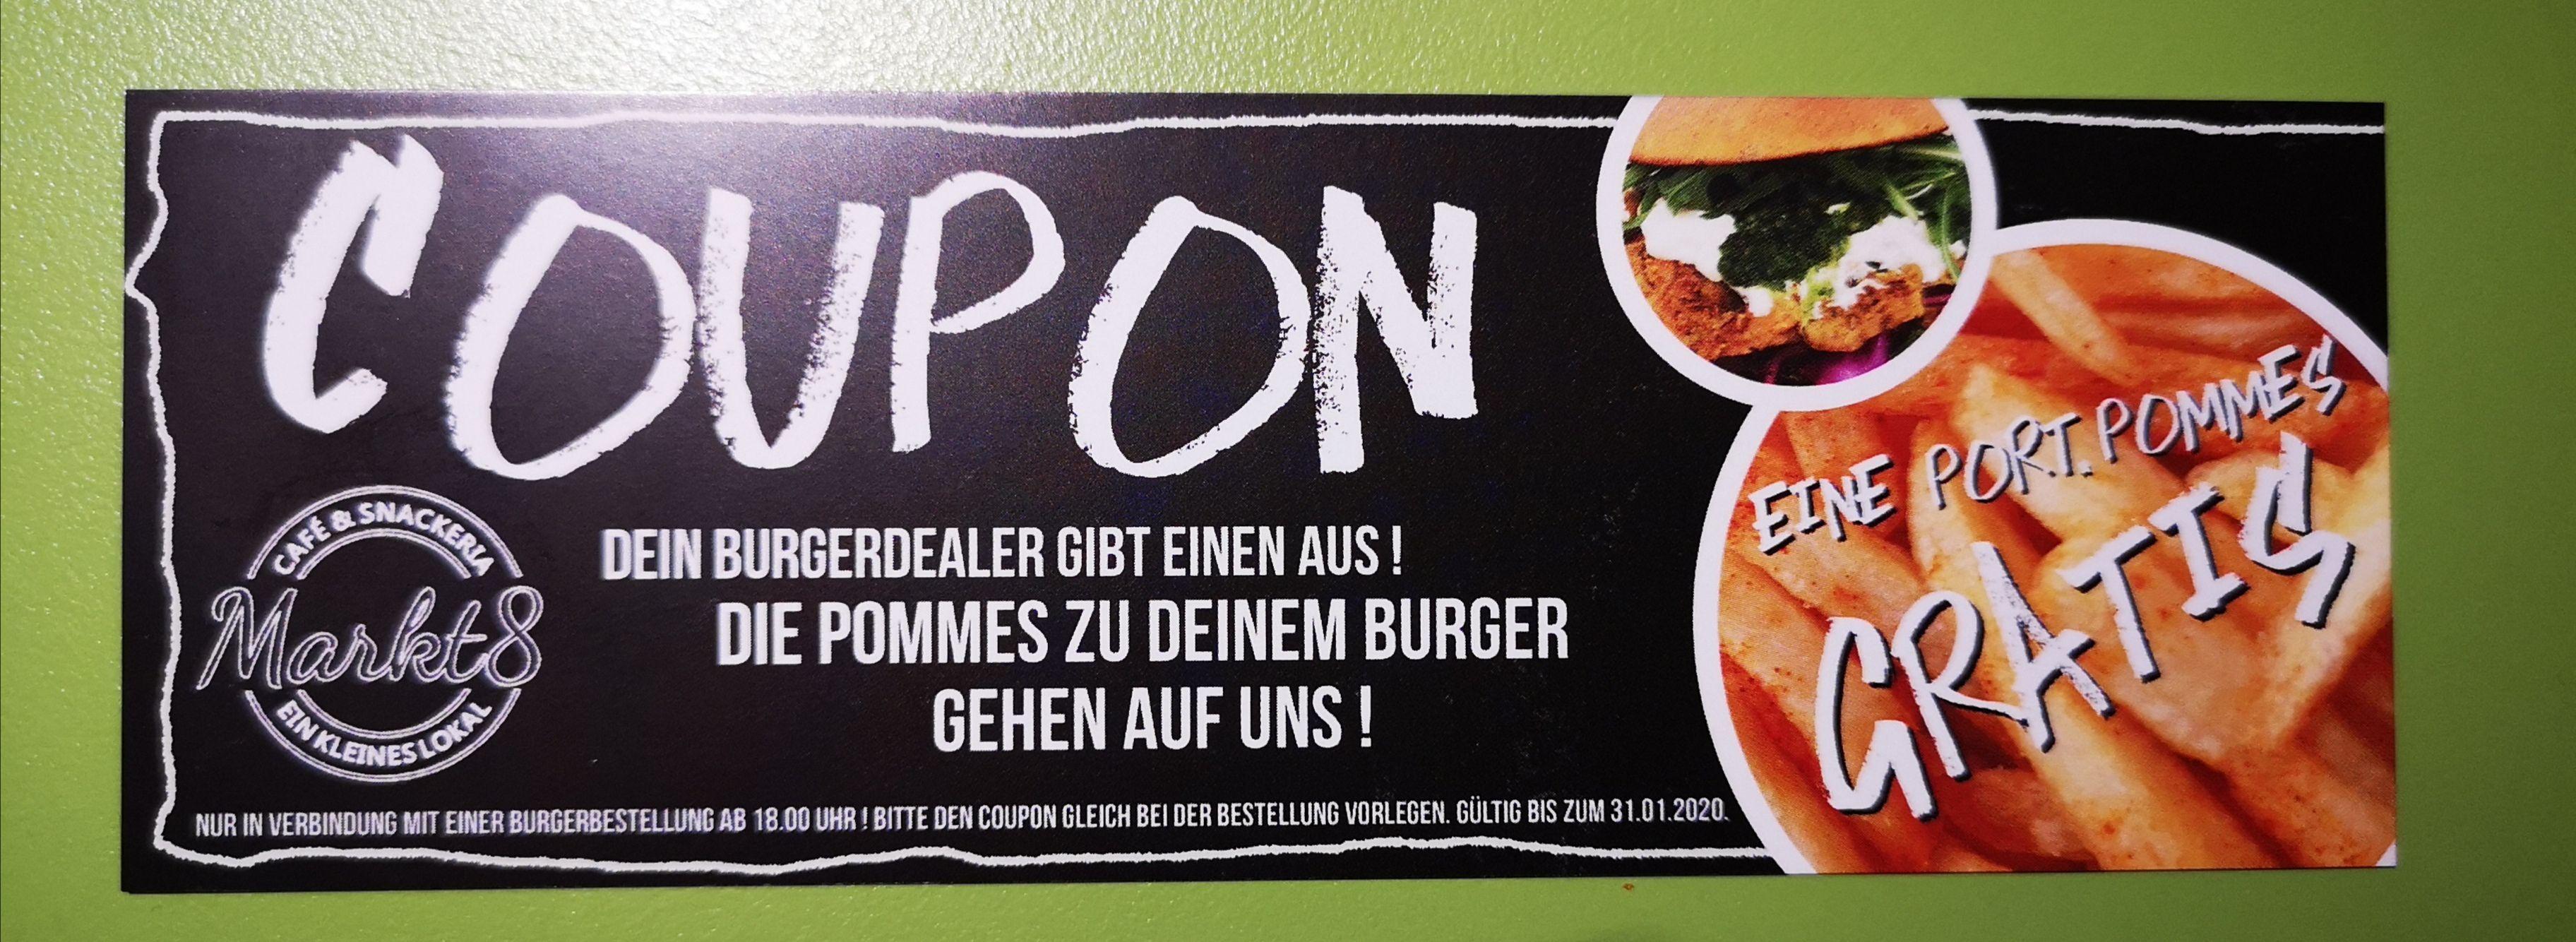 [Saalfeld 07318] Cineplex besuchen & Gratis Pommes im Markt 8 genießen